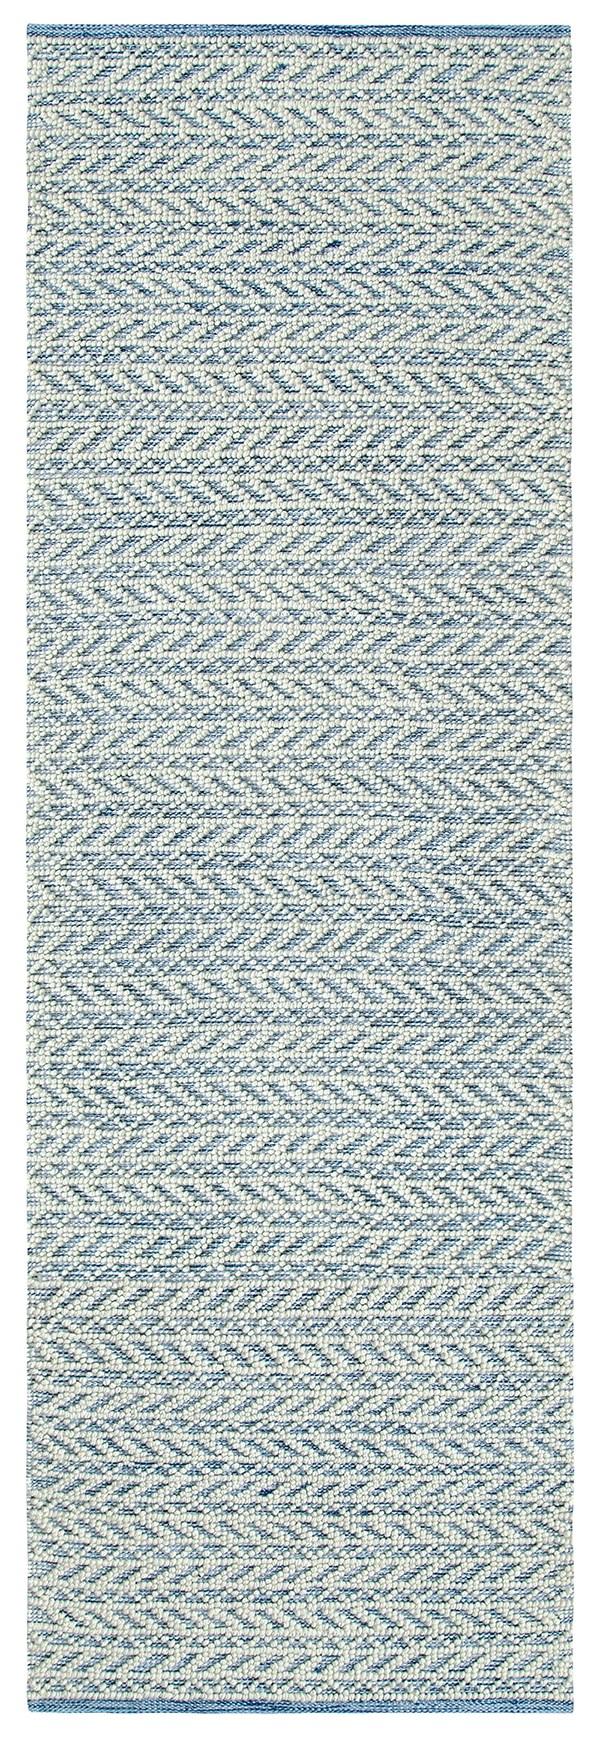 Blue (10760) Outdoor / Indoor Area Rug